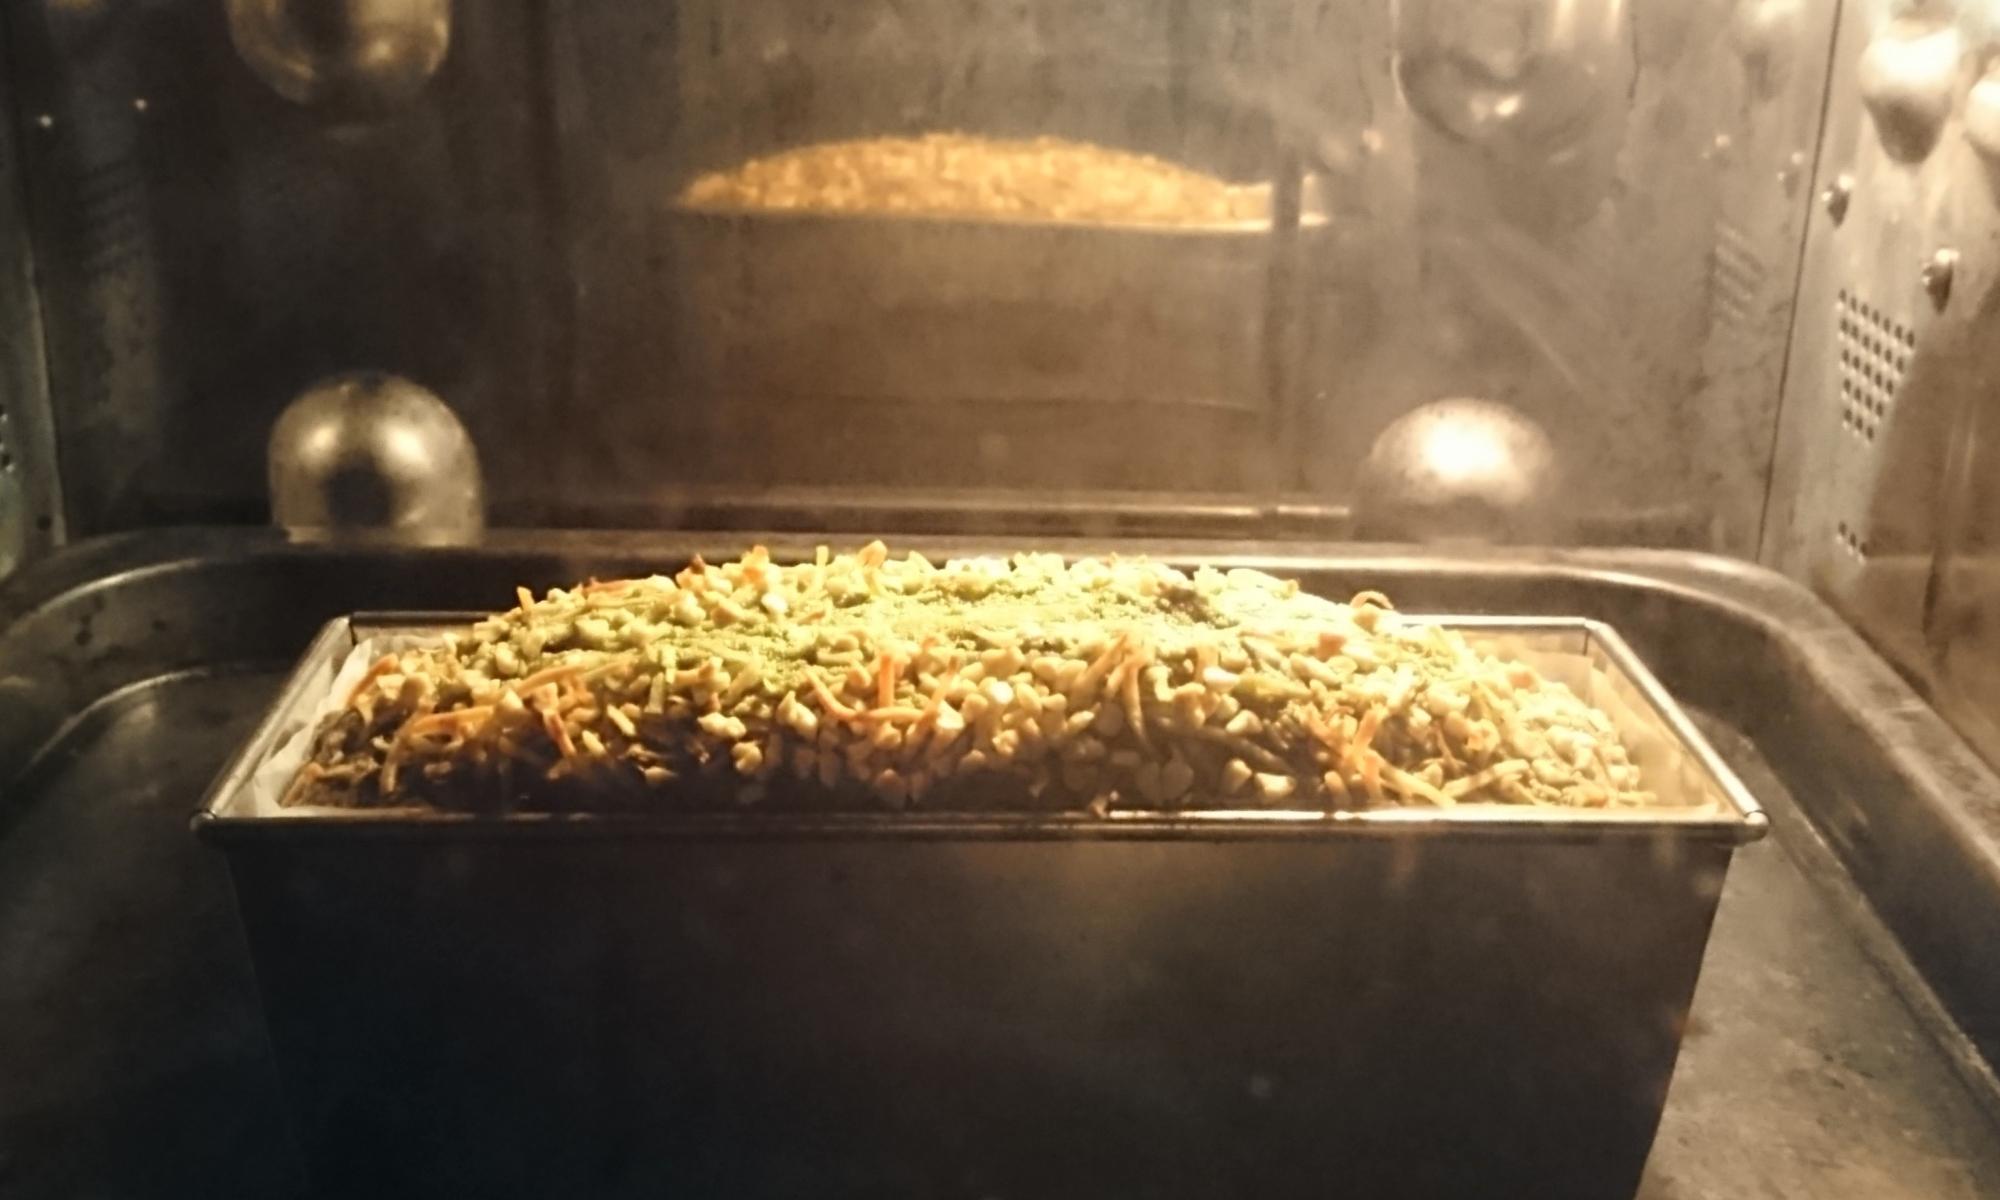 抹茶のパウンドケーキがオーブンの中で膨らみ焼かれている